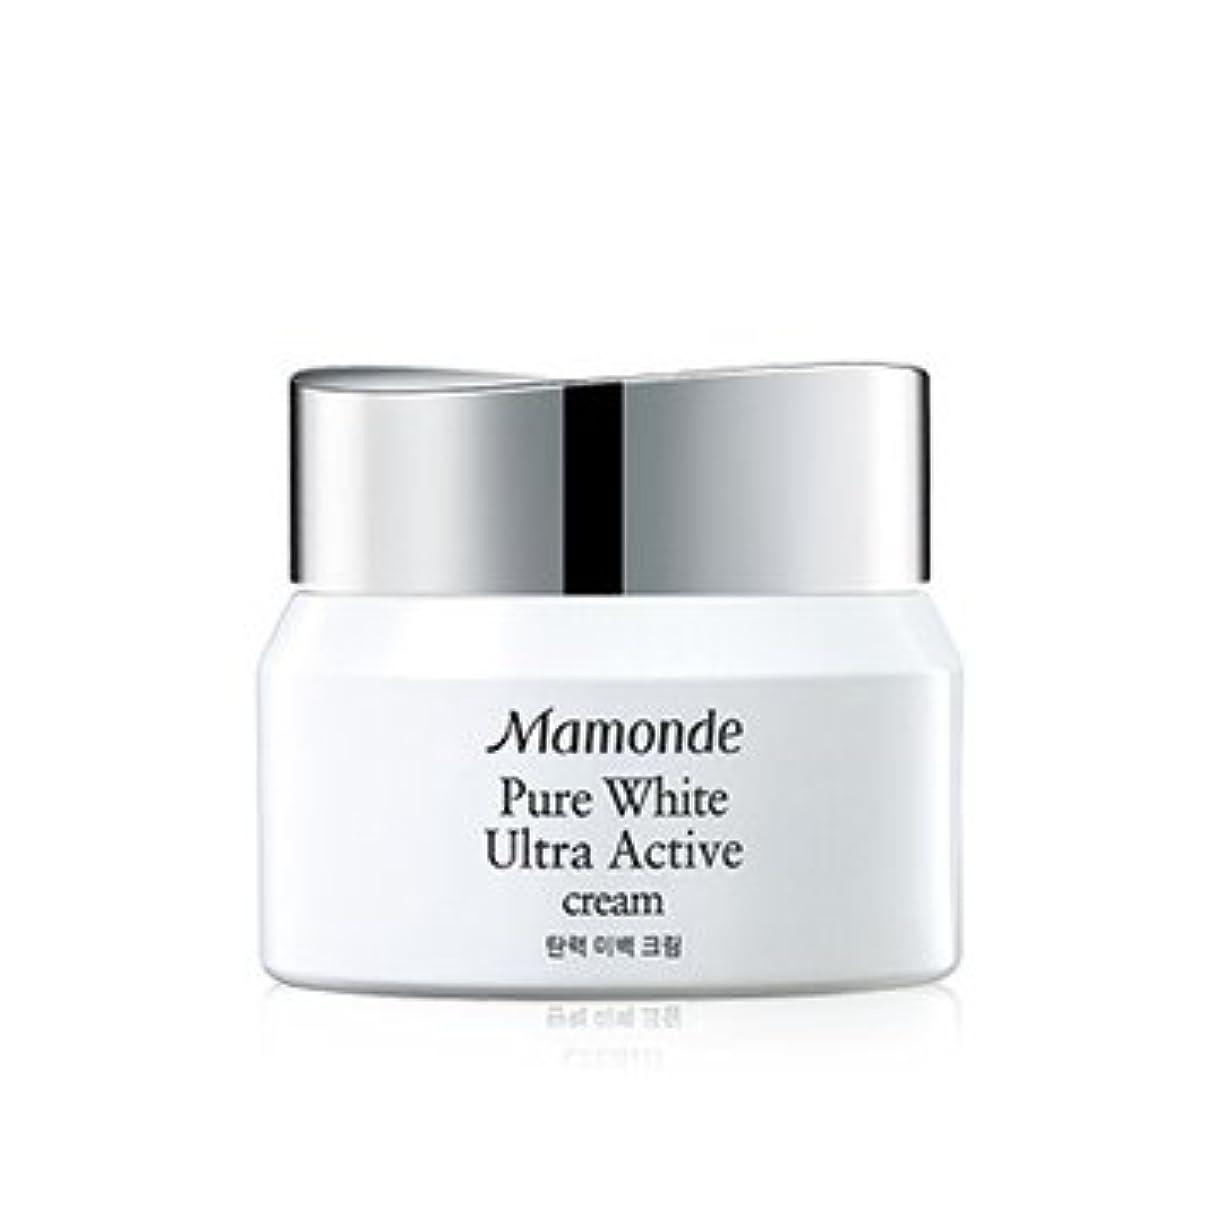 肩をすくめるオーク見る人Mamonde Pure White Ultra Active Cream 50ml/マモンド ピュア ホワイト ウルトラ アクティブ クリーム 50ml [並行輸入品]